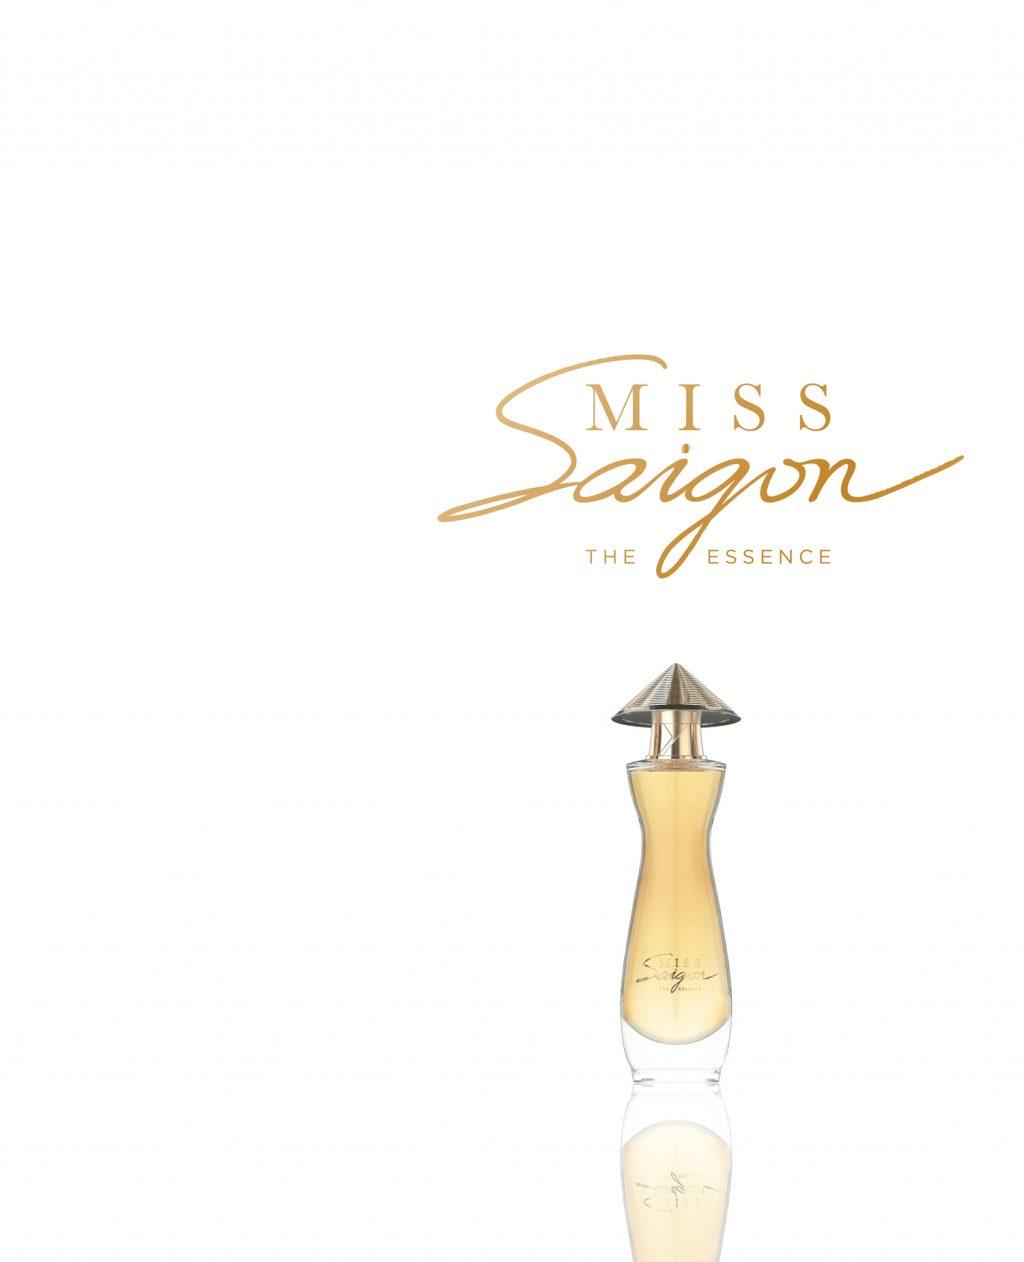 Nước hoa Miss Saigon The Essence – sự tiếp nối trong khám phá hương thơm tinh túy và say đắm nhất dành cho nàng thơ hiện đại